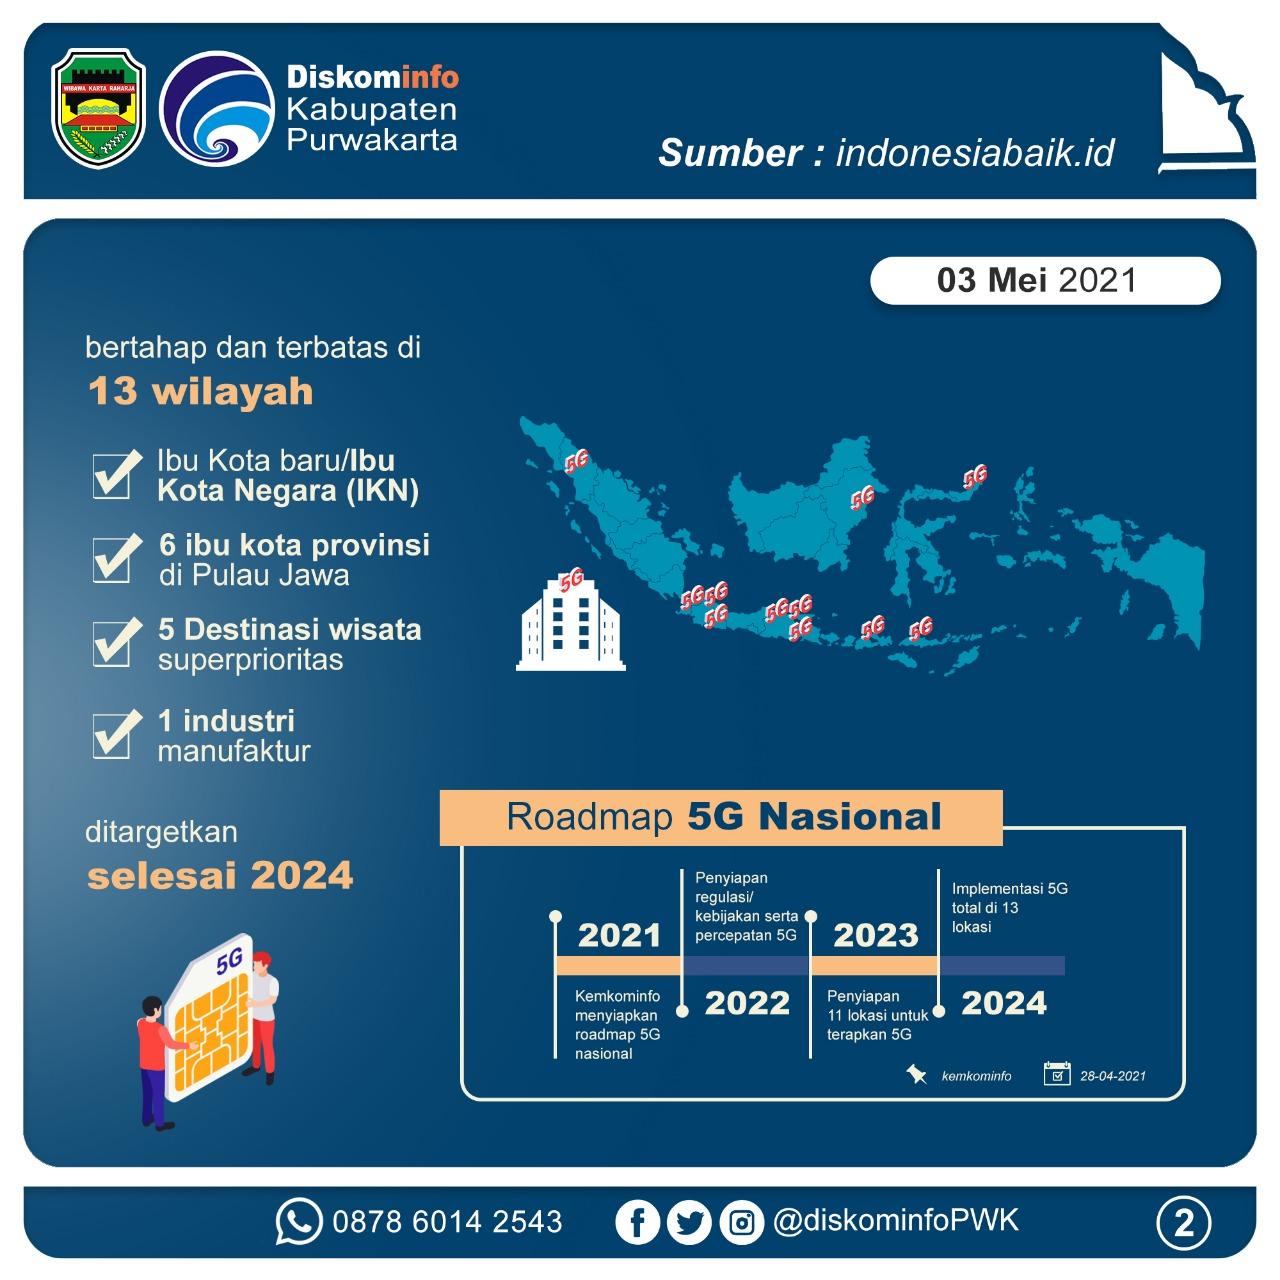 Roadmap 5G Nasional